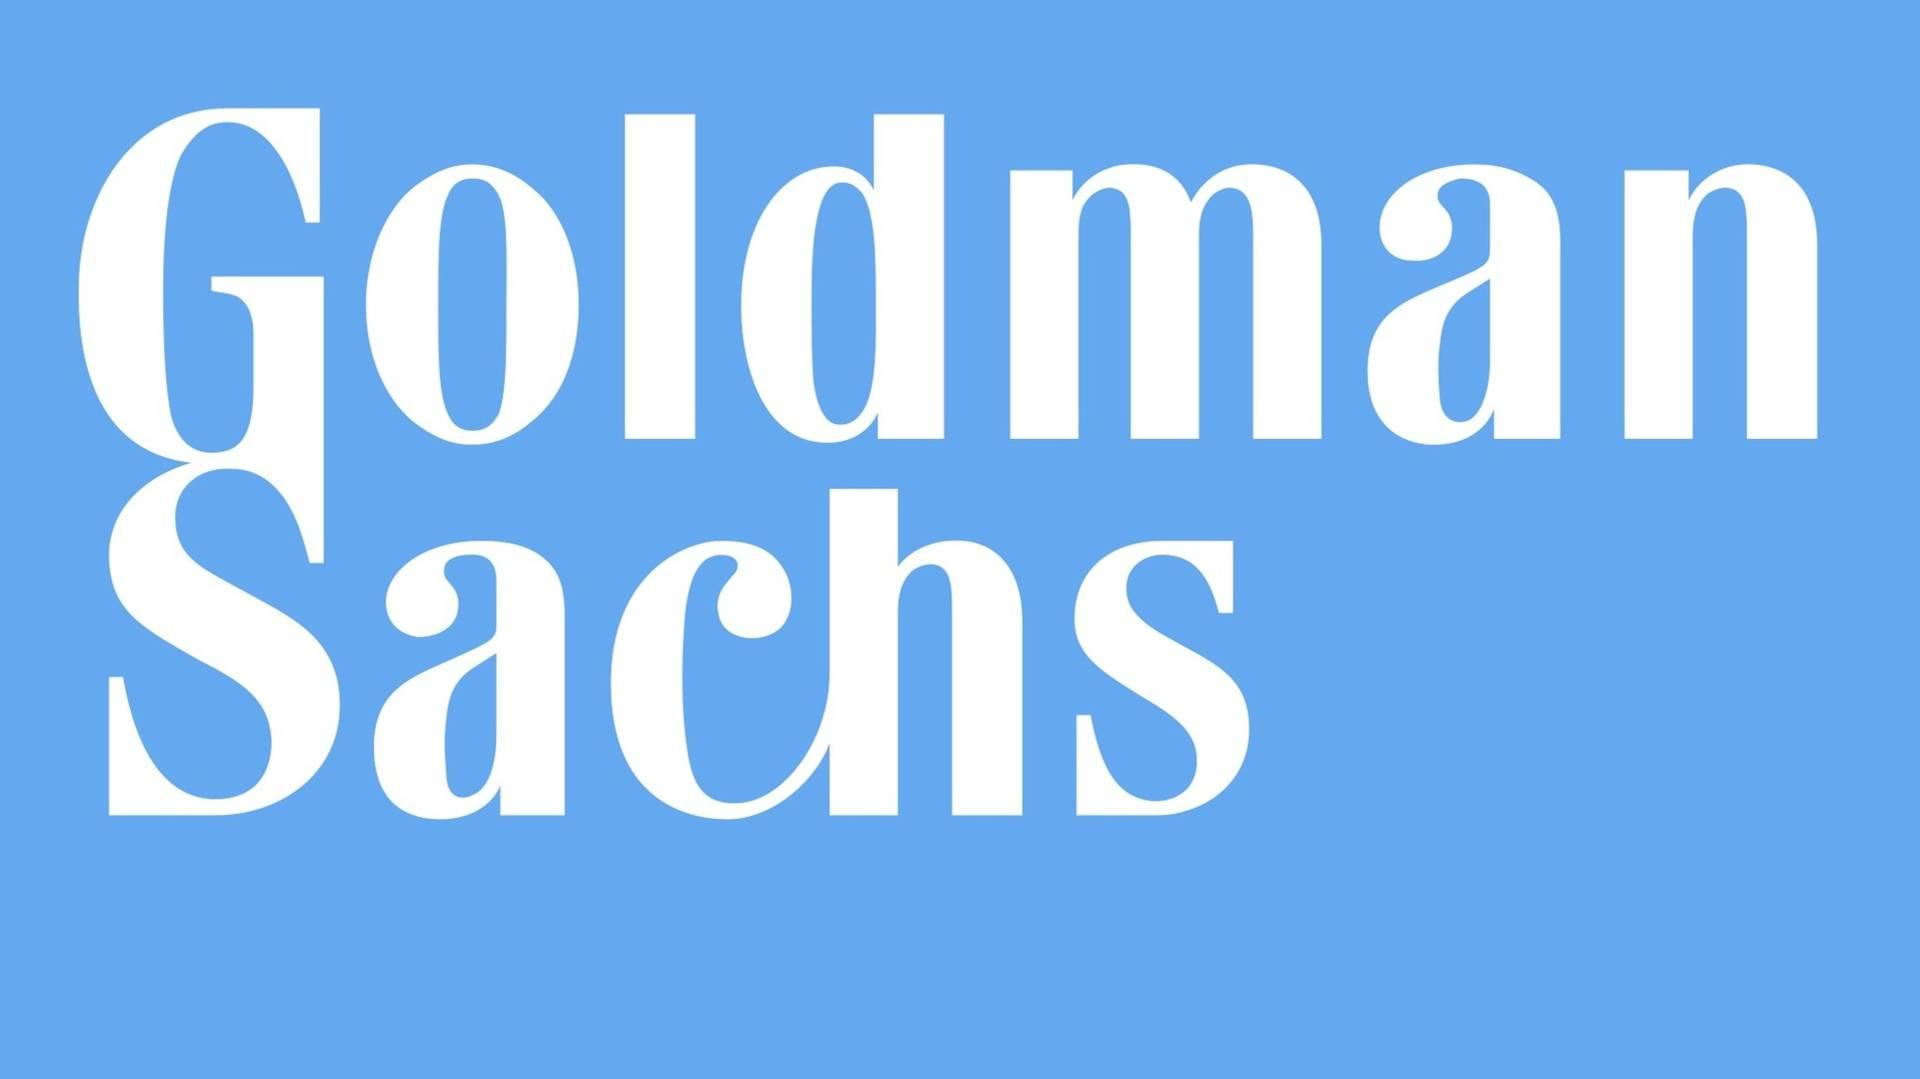 GOLDMAN SACHS HACE BILLONES CON EL PUNTAJE DE LOS CRÉDITOS